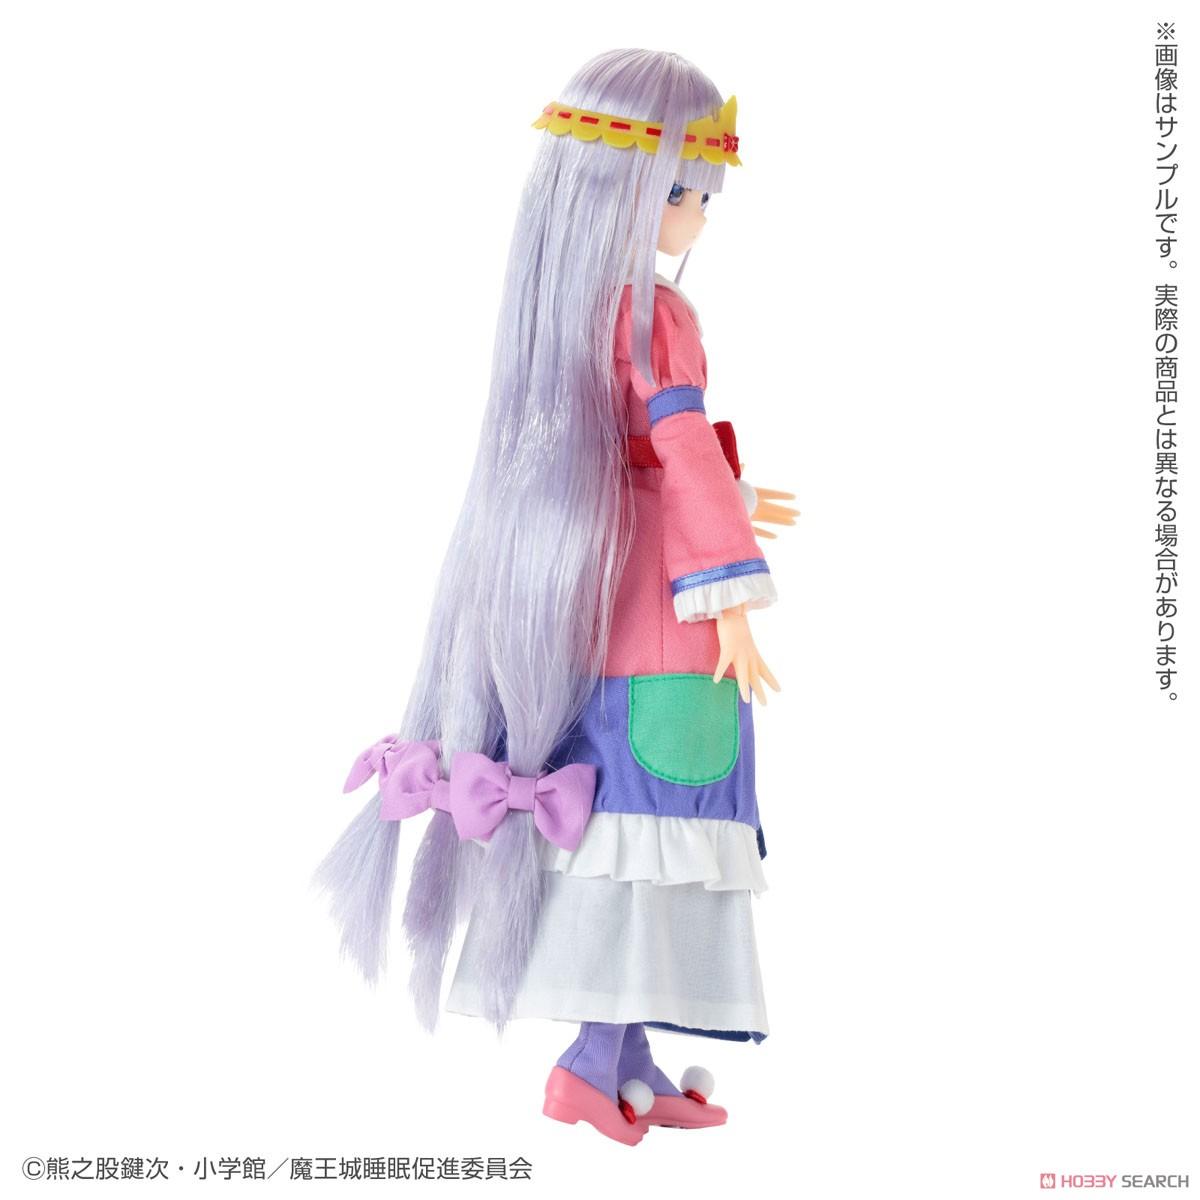 ピュアニーモ キャラクターシリーズ No.138『スヤリス姫』魔王城でおやすみ 1/6 完成品ドール-003